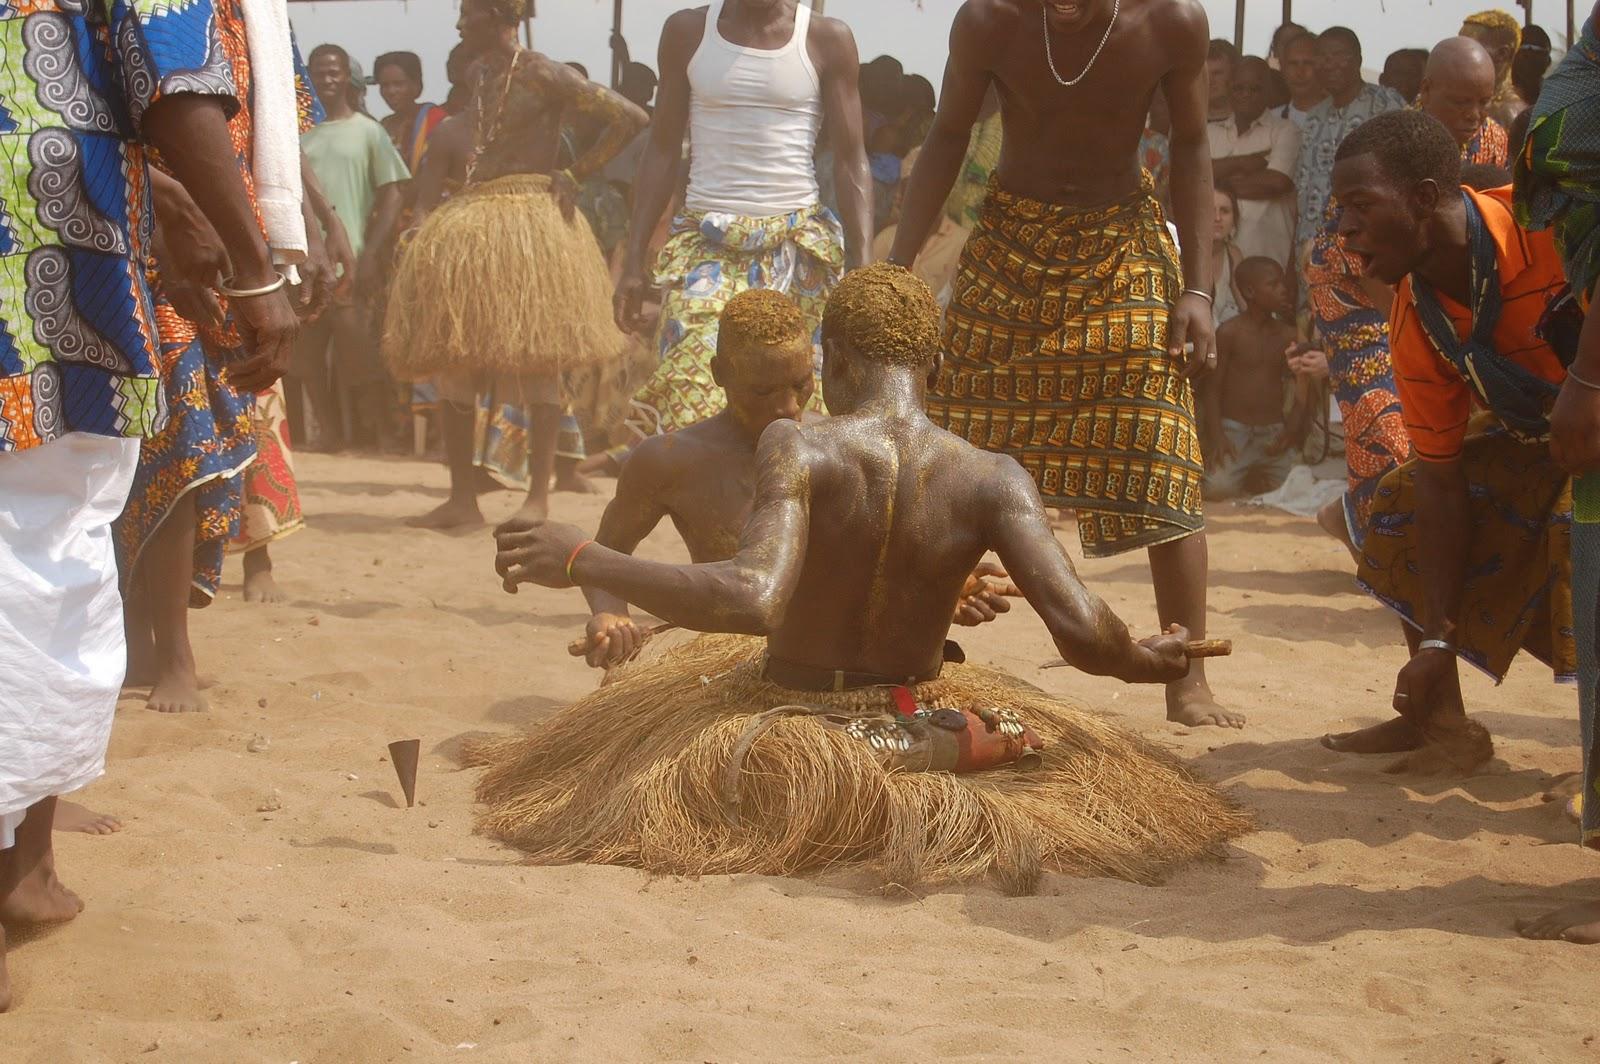 Festival du culte vaudou des jumeaux, à Ouidah, au Bénin